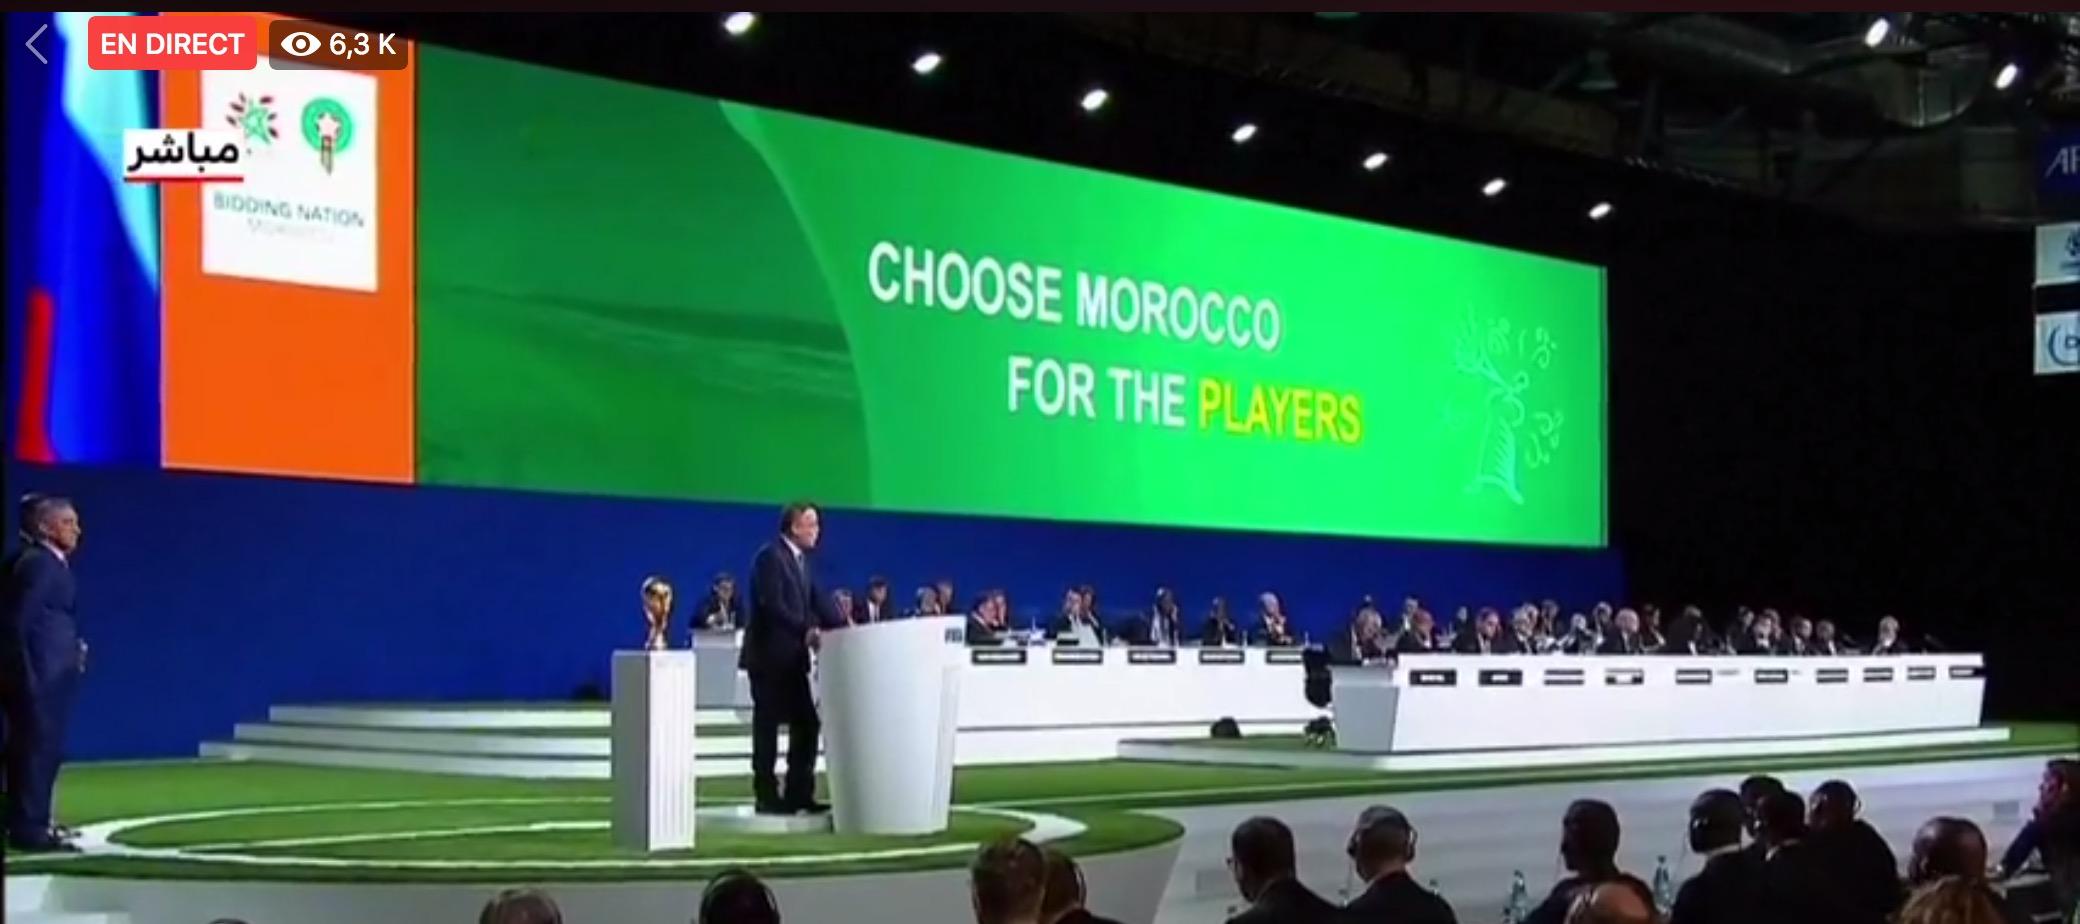 اللائحة الكاملة للدول العربية التي خذلت المغرب بتصويتها للملف الأمريكي